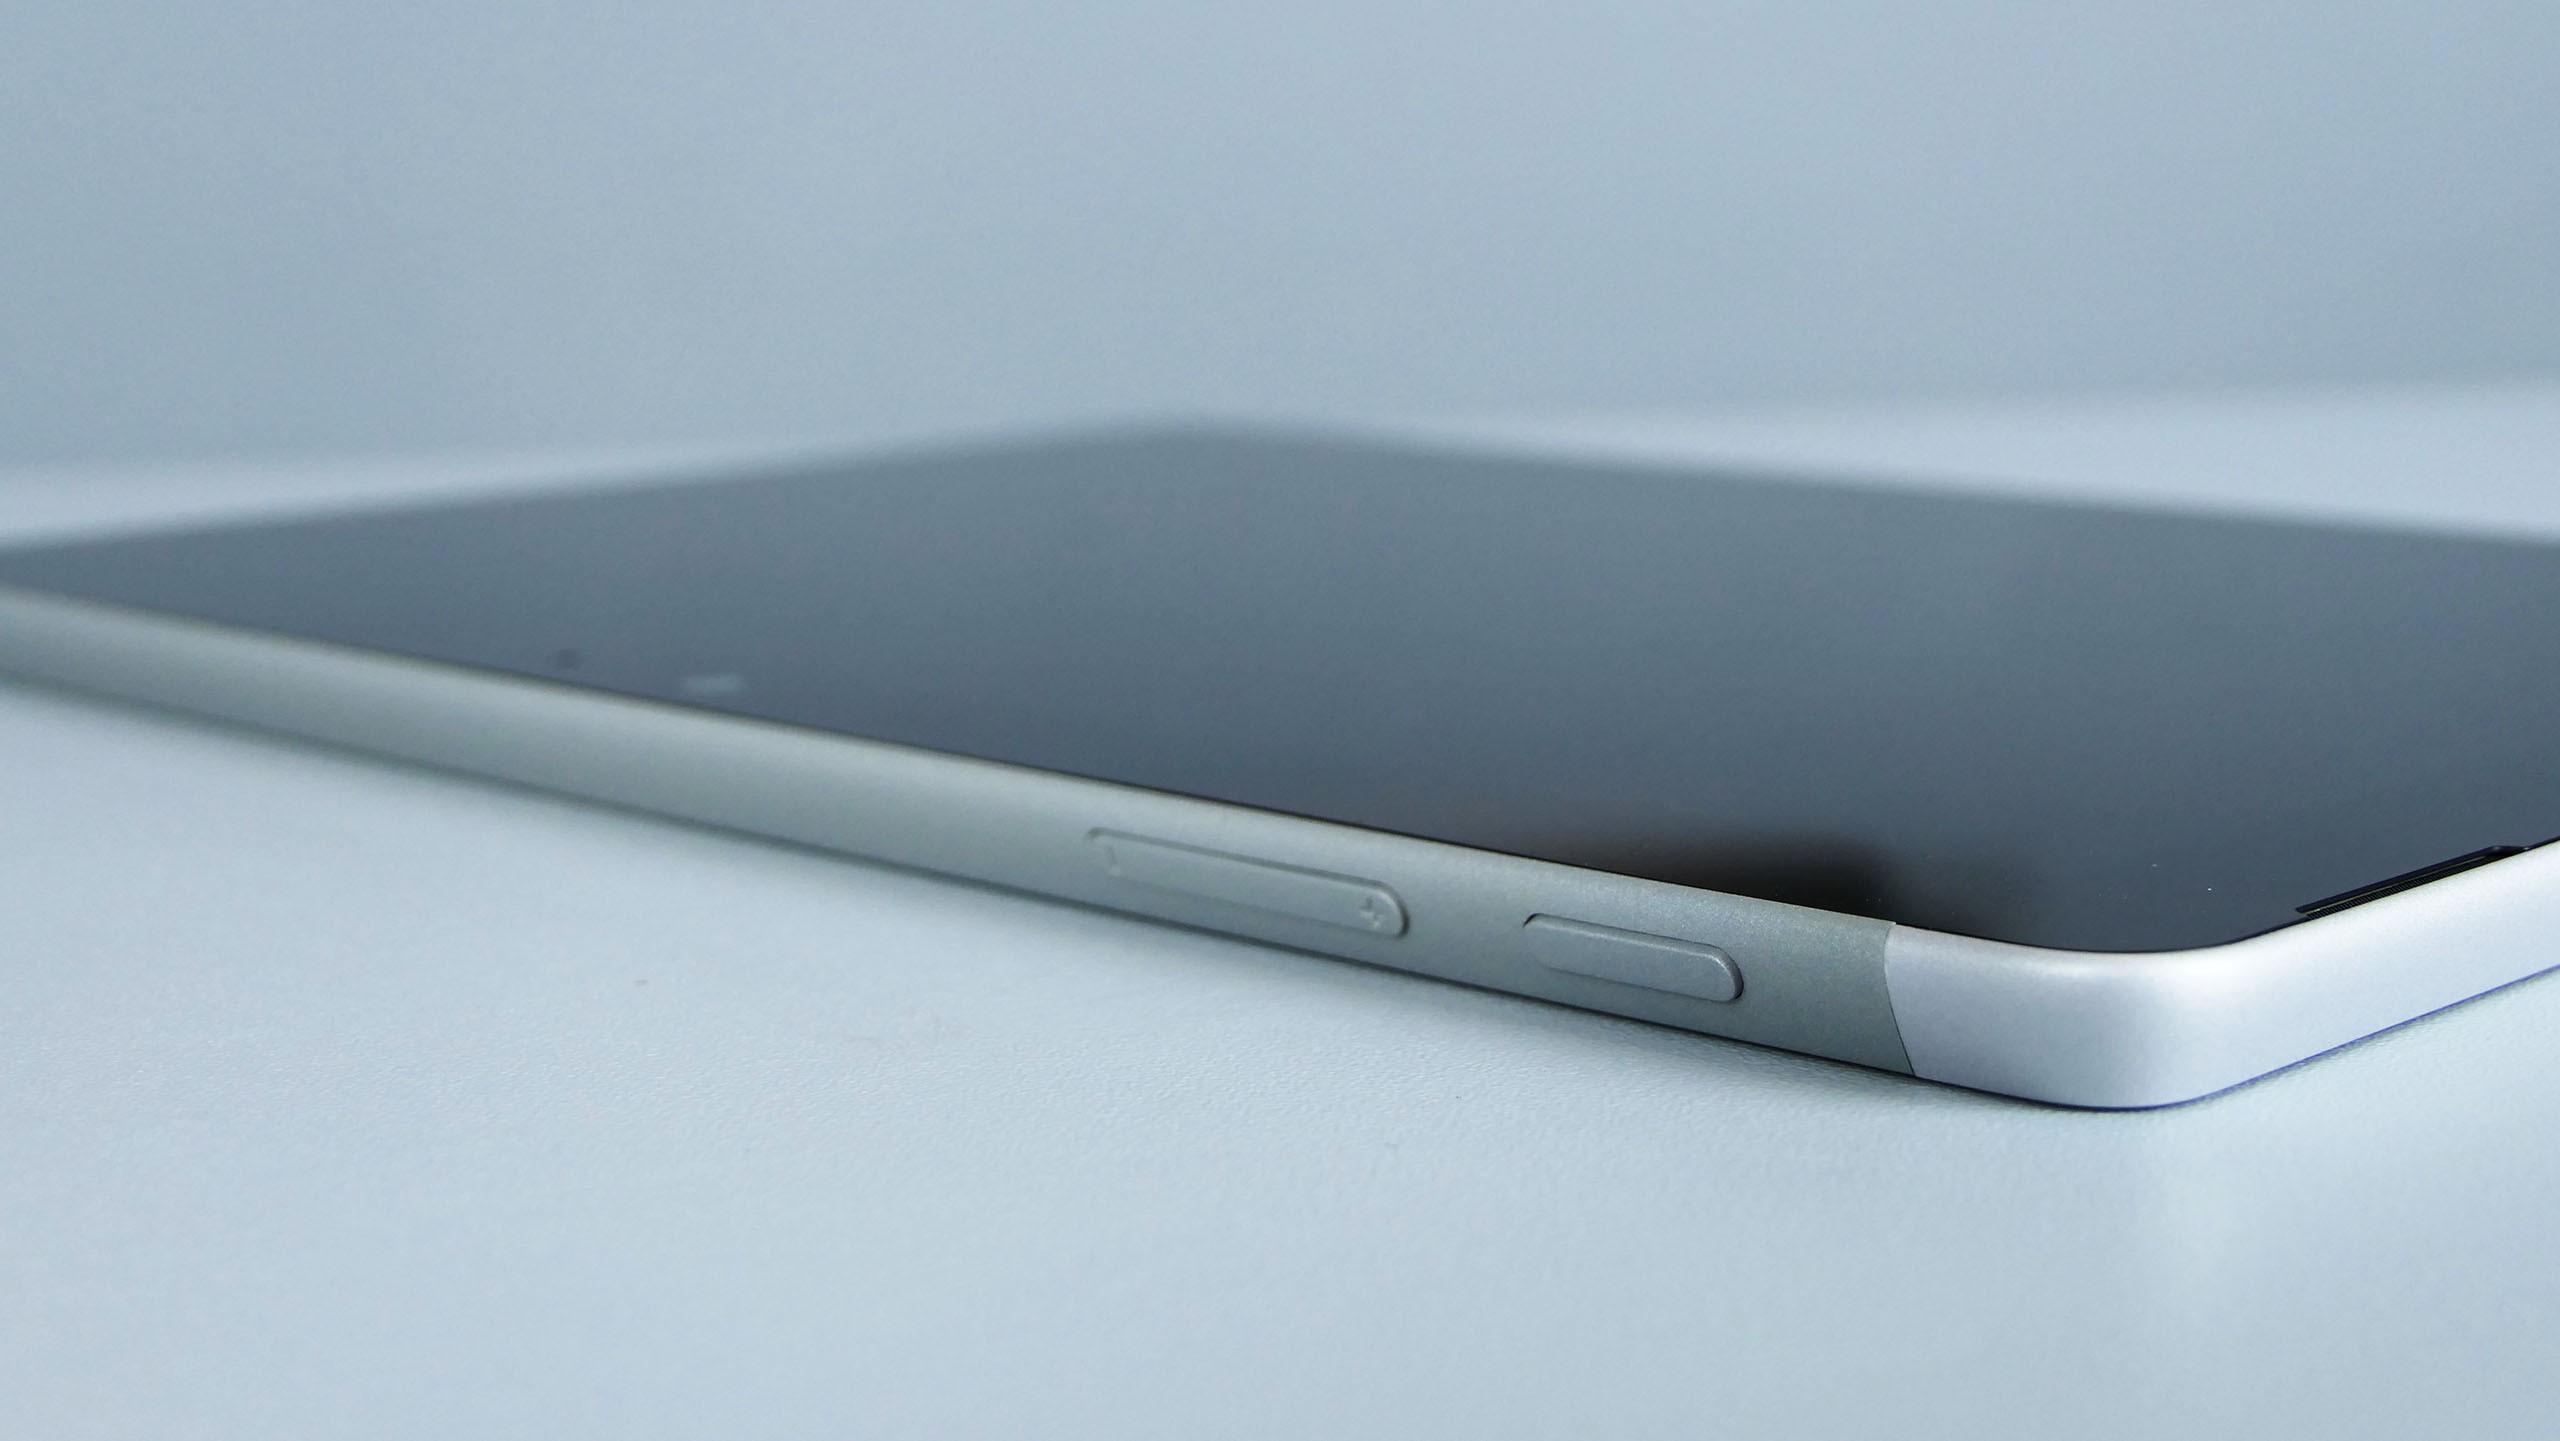 Microsoft Surface Go - przycisk zasilania orazregulacja głośności nagórnej krawędzi